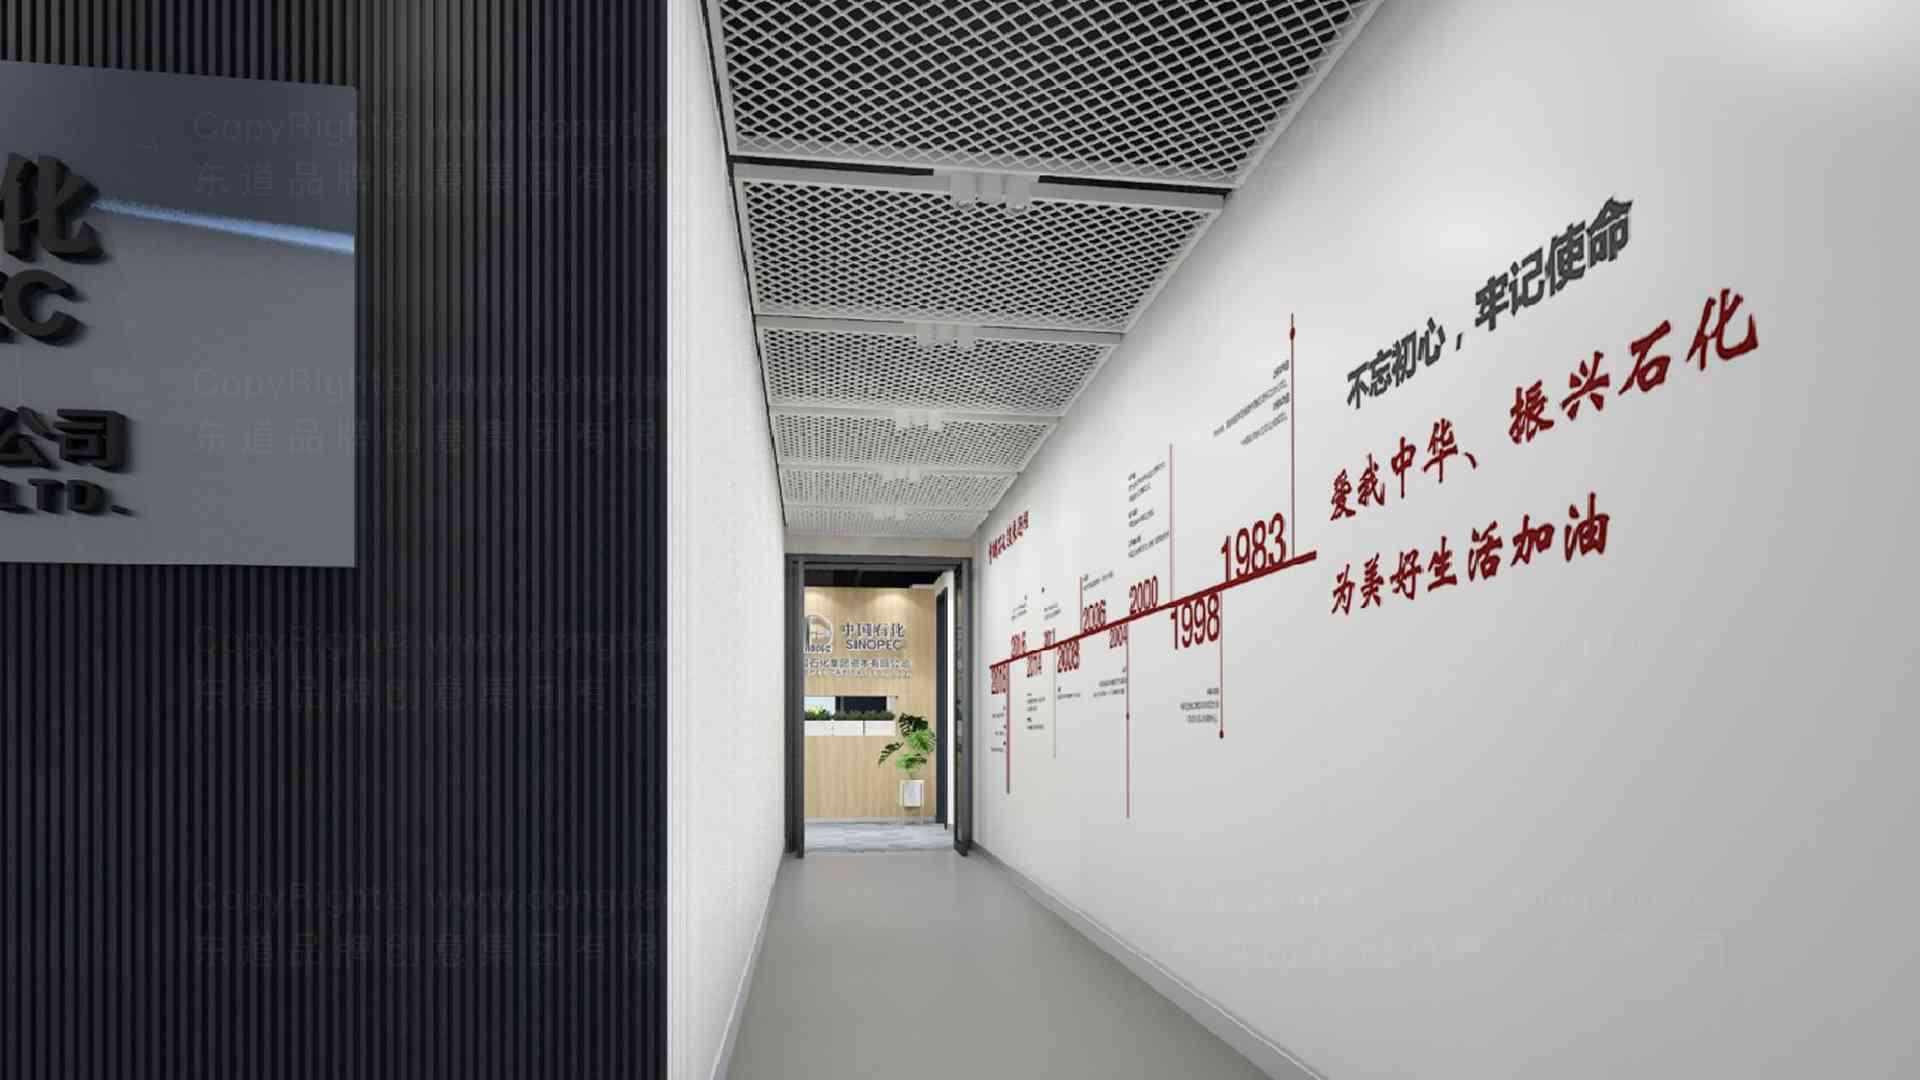 商业空间&导示案例中国石化雄安办公空间设计